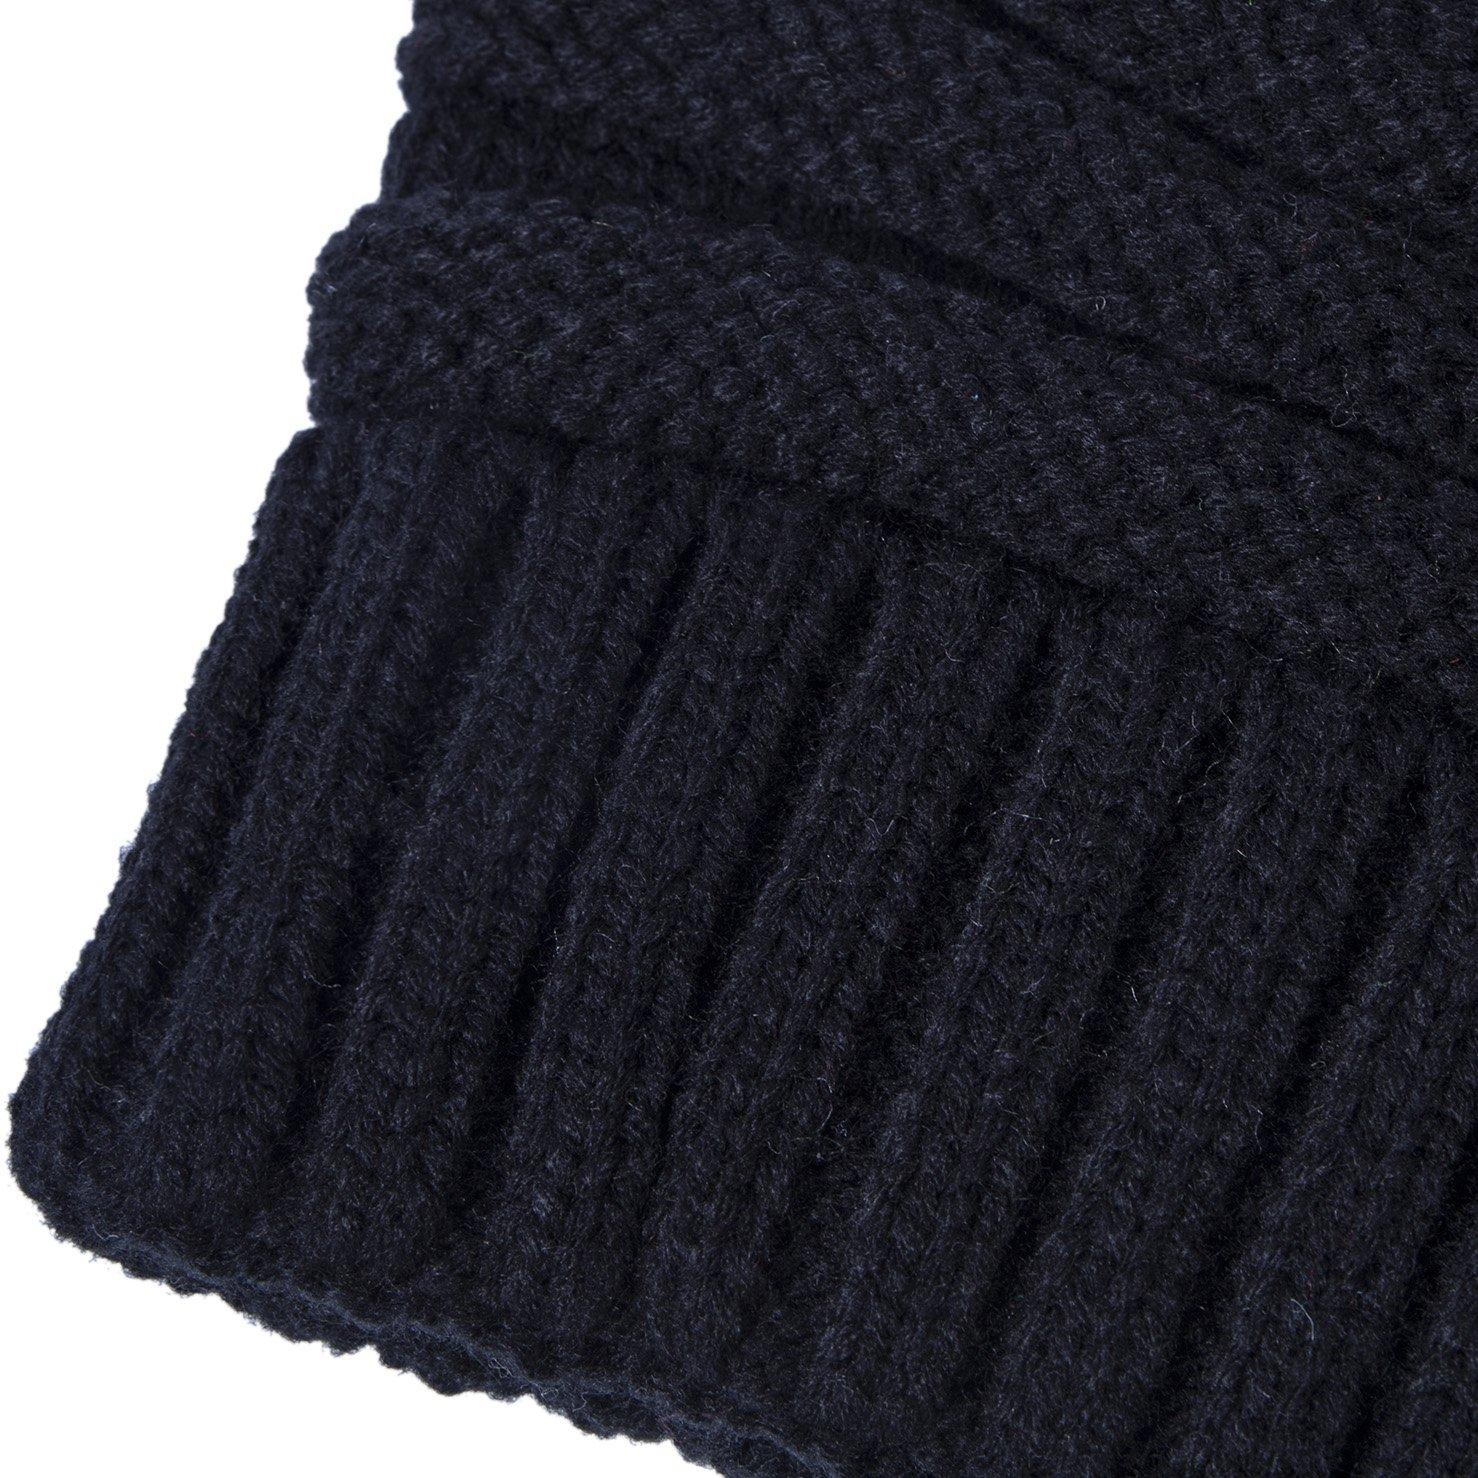 Amazon.com: Chalier, gorro tejido para el invierno, con pom ...